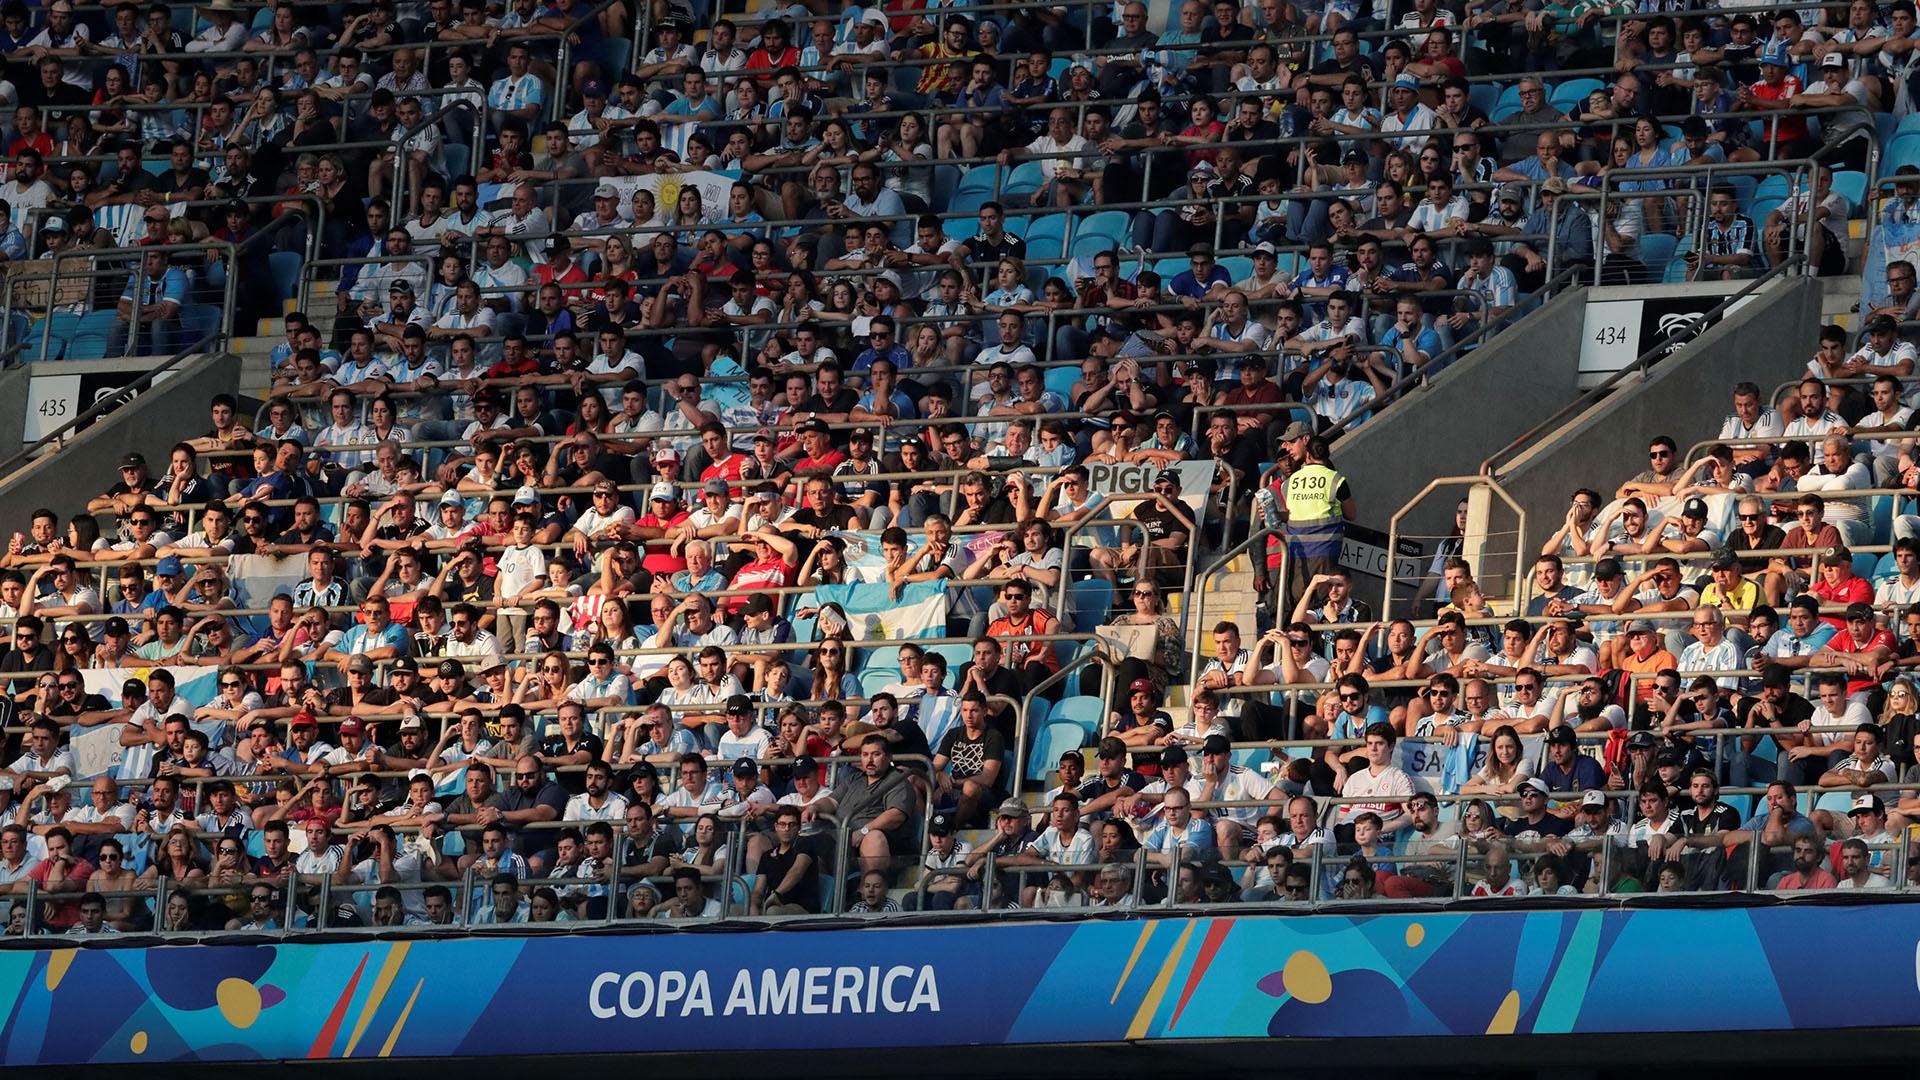 El público argentino aportó su cuota de ánimo desde la tribuna y los cantos se hicieron sentir desde las tribunas del Arena do Gremio